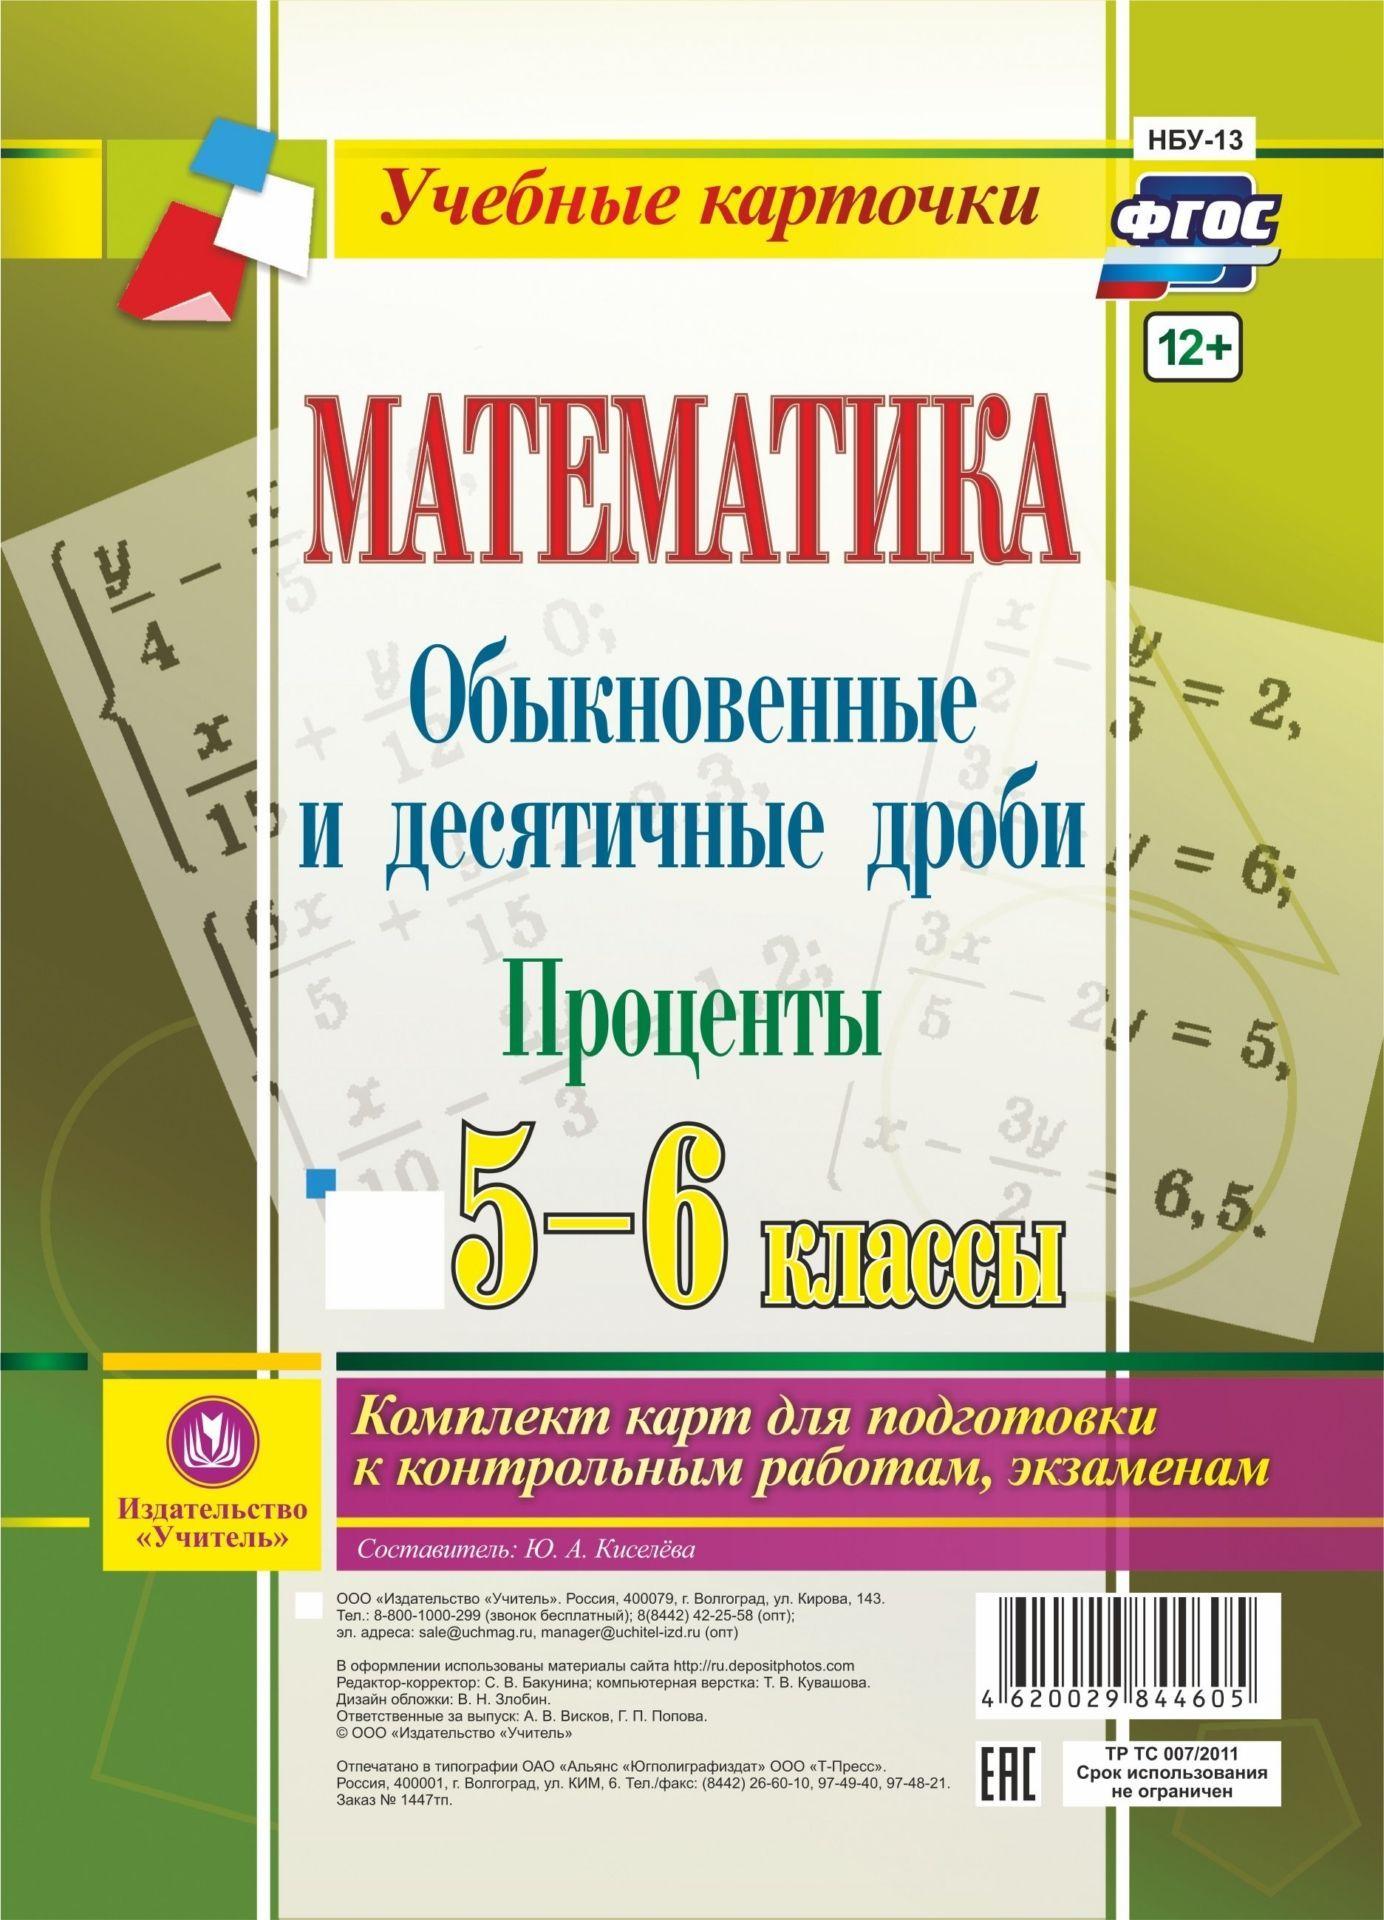 Математика. Обыкновенные и десятичные дроби. Проценты. 5-6 классы: комплект из 4 карт для подготовки к контрольным работам, экзаменам